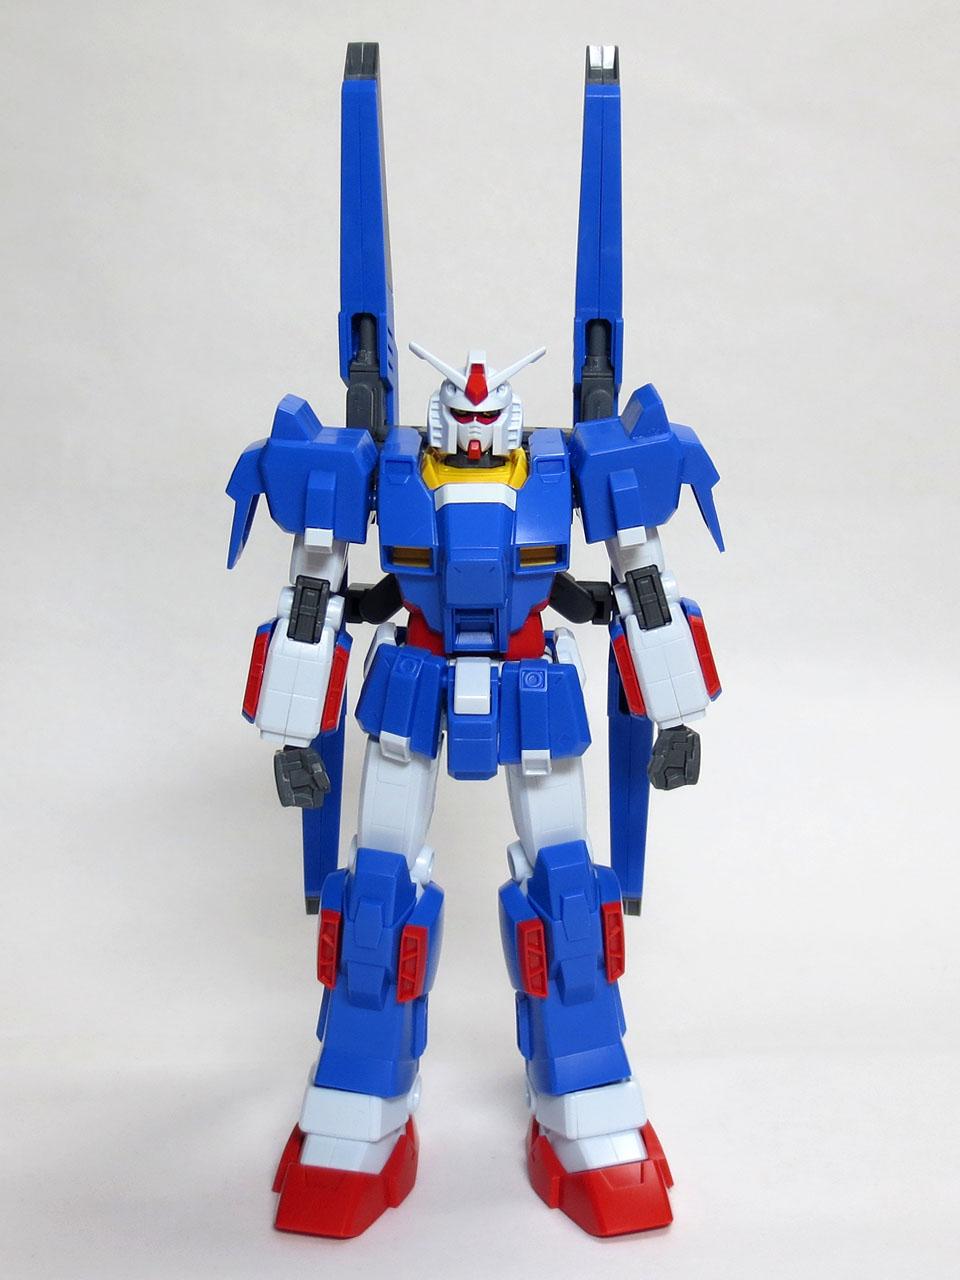 HG_Forever_Gundam_14.jpg